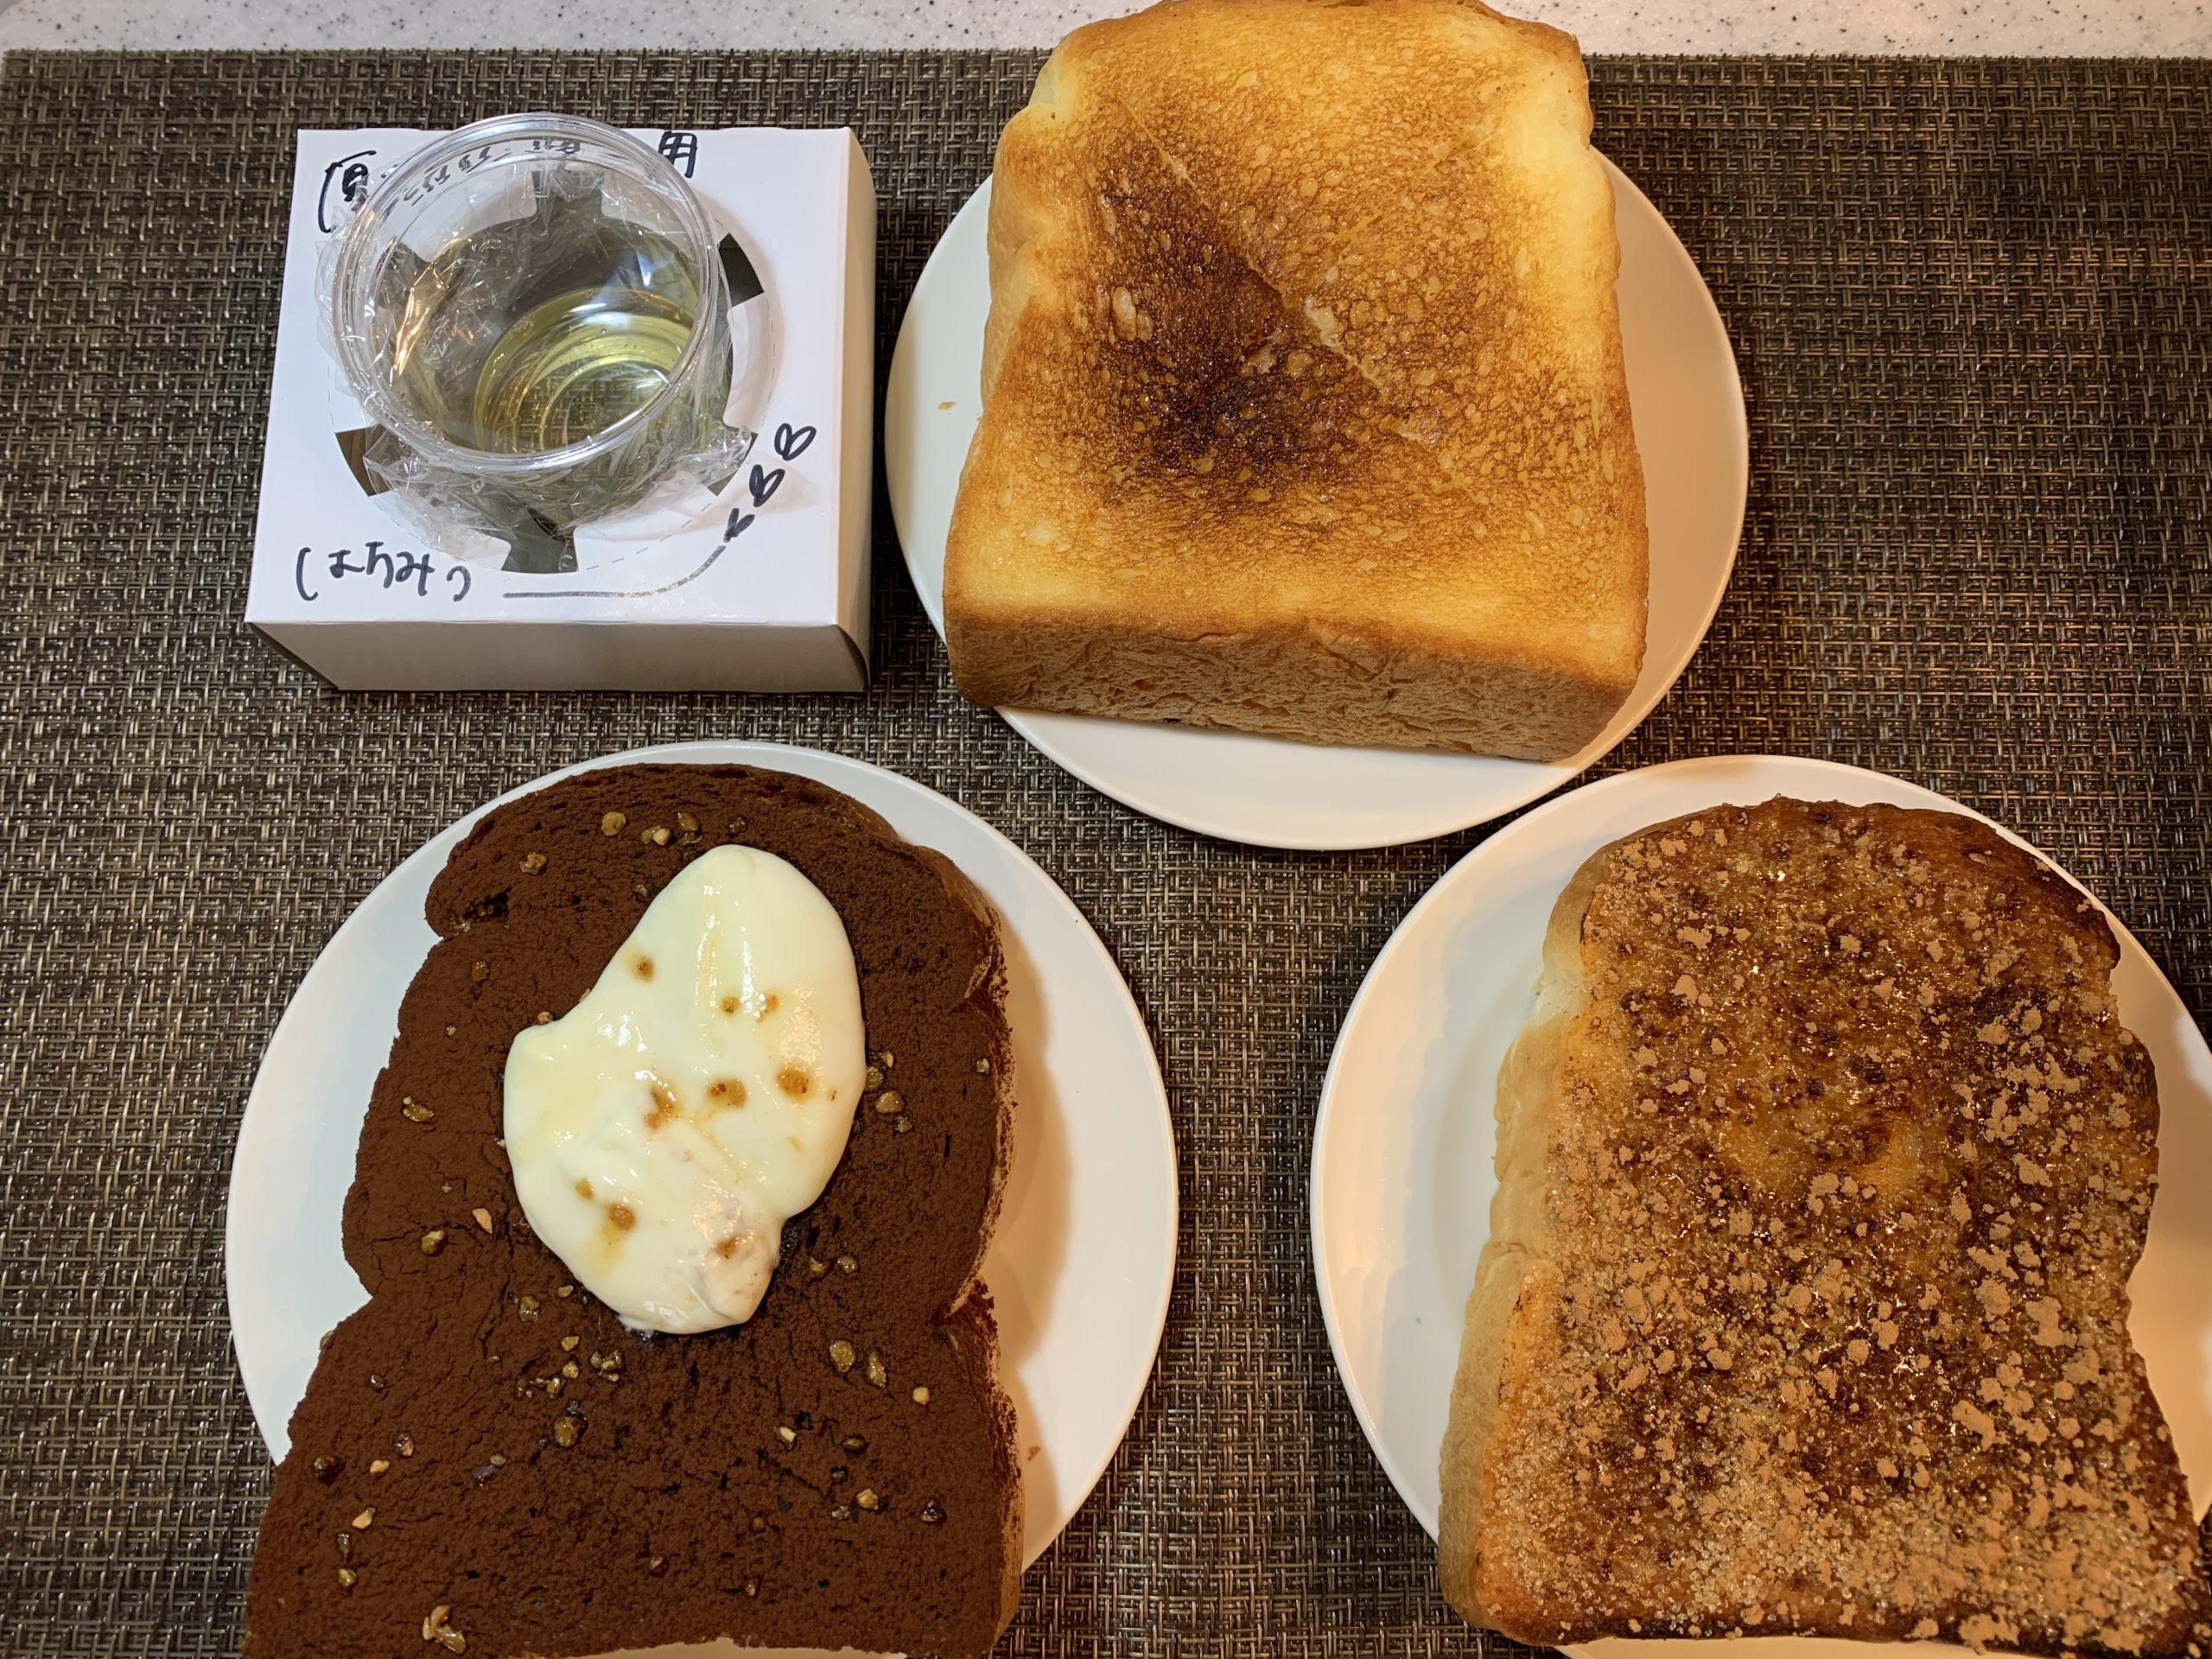 食パン専門店×コーヒースタンドのレブレッソでテイクアウトしてみた